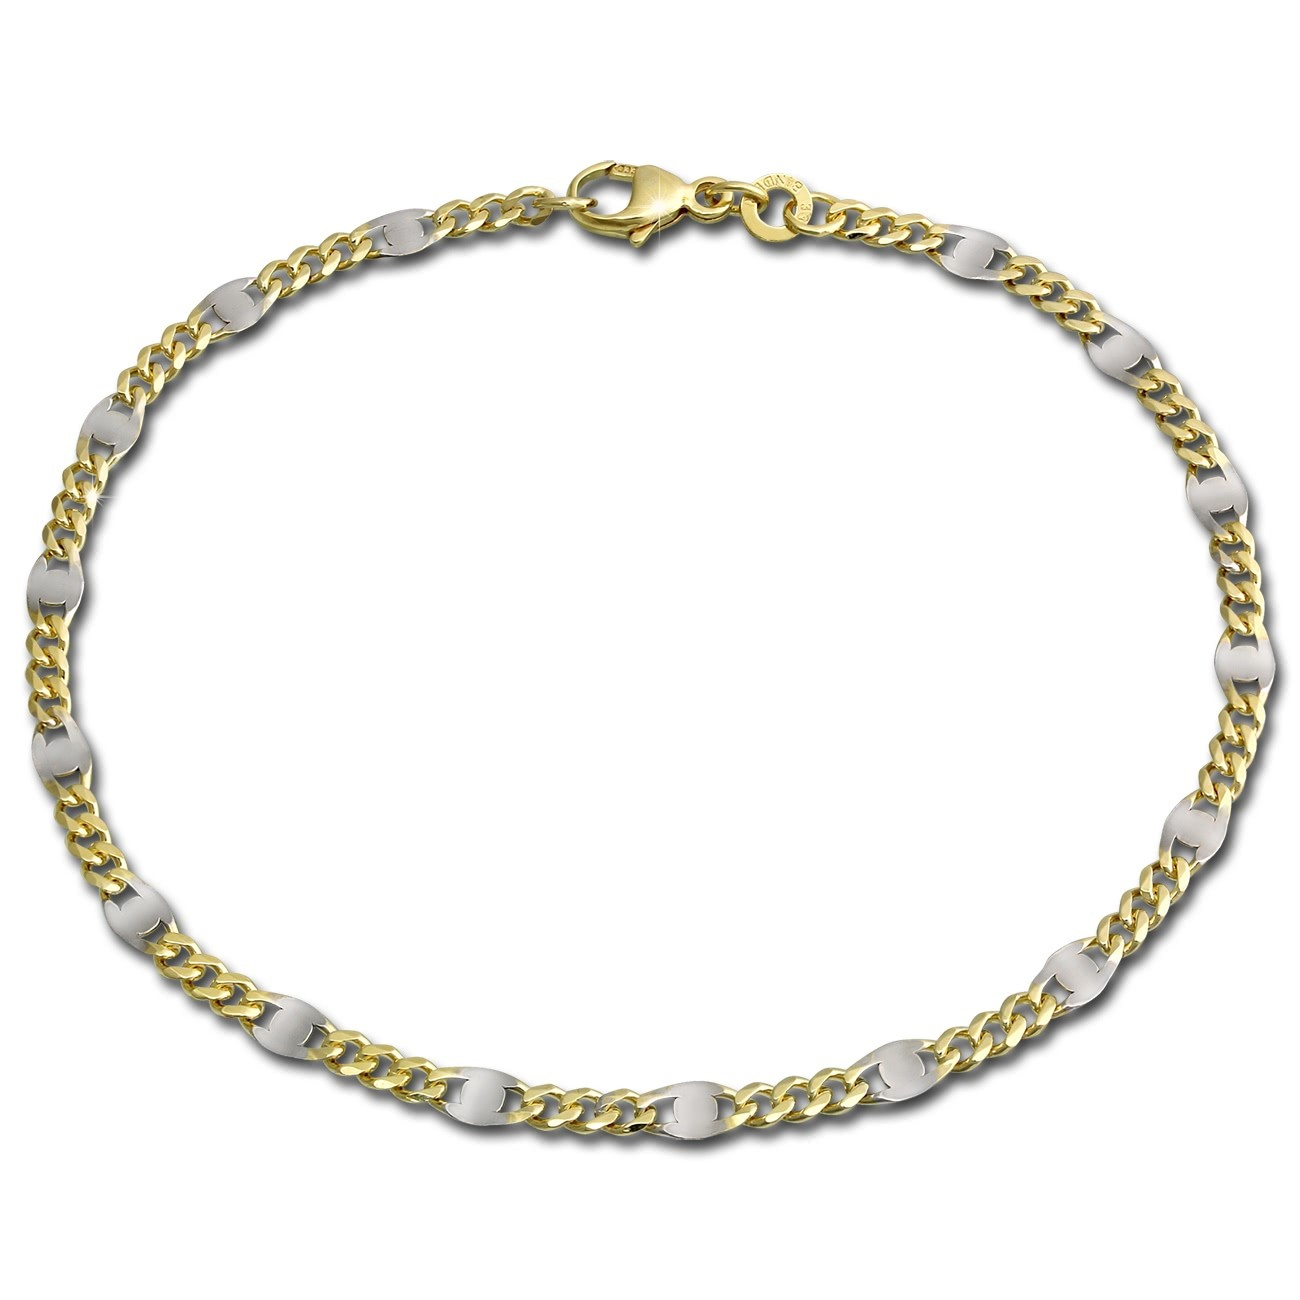 GoldDream Armband Plättchen 333 Gelbgold Damen 21cm 8 Karat GDA0041T